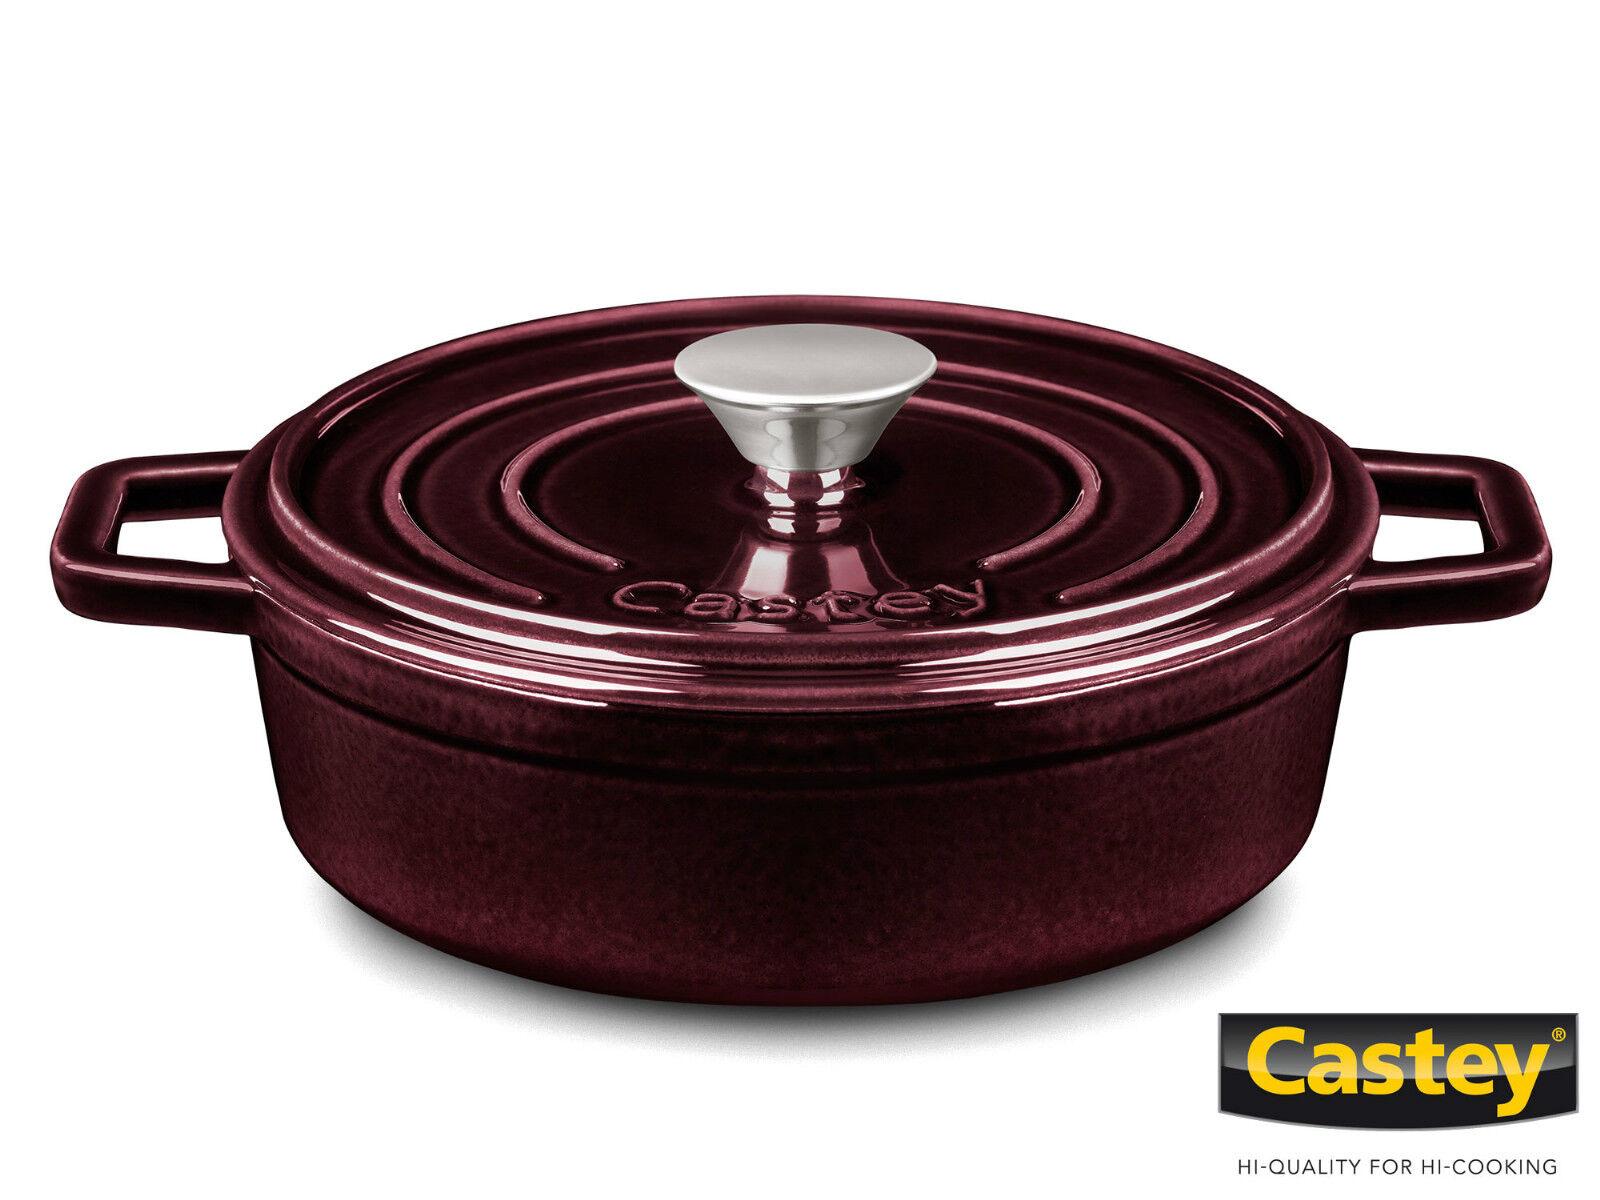 CASTEY fonte schmorkasserolle cocotte 22 cm servierpfanne pourpre EMAILLE